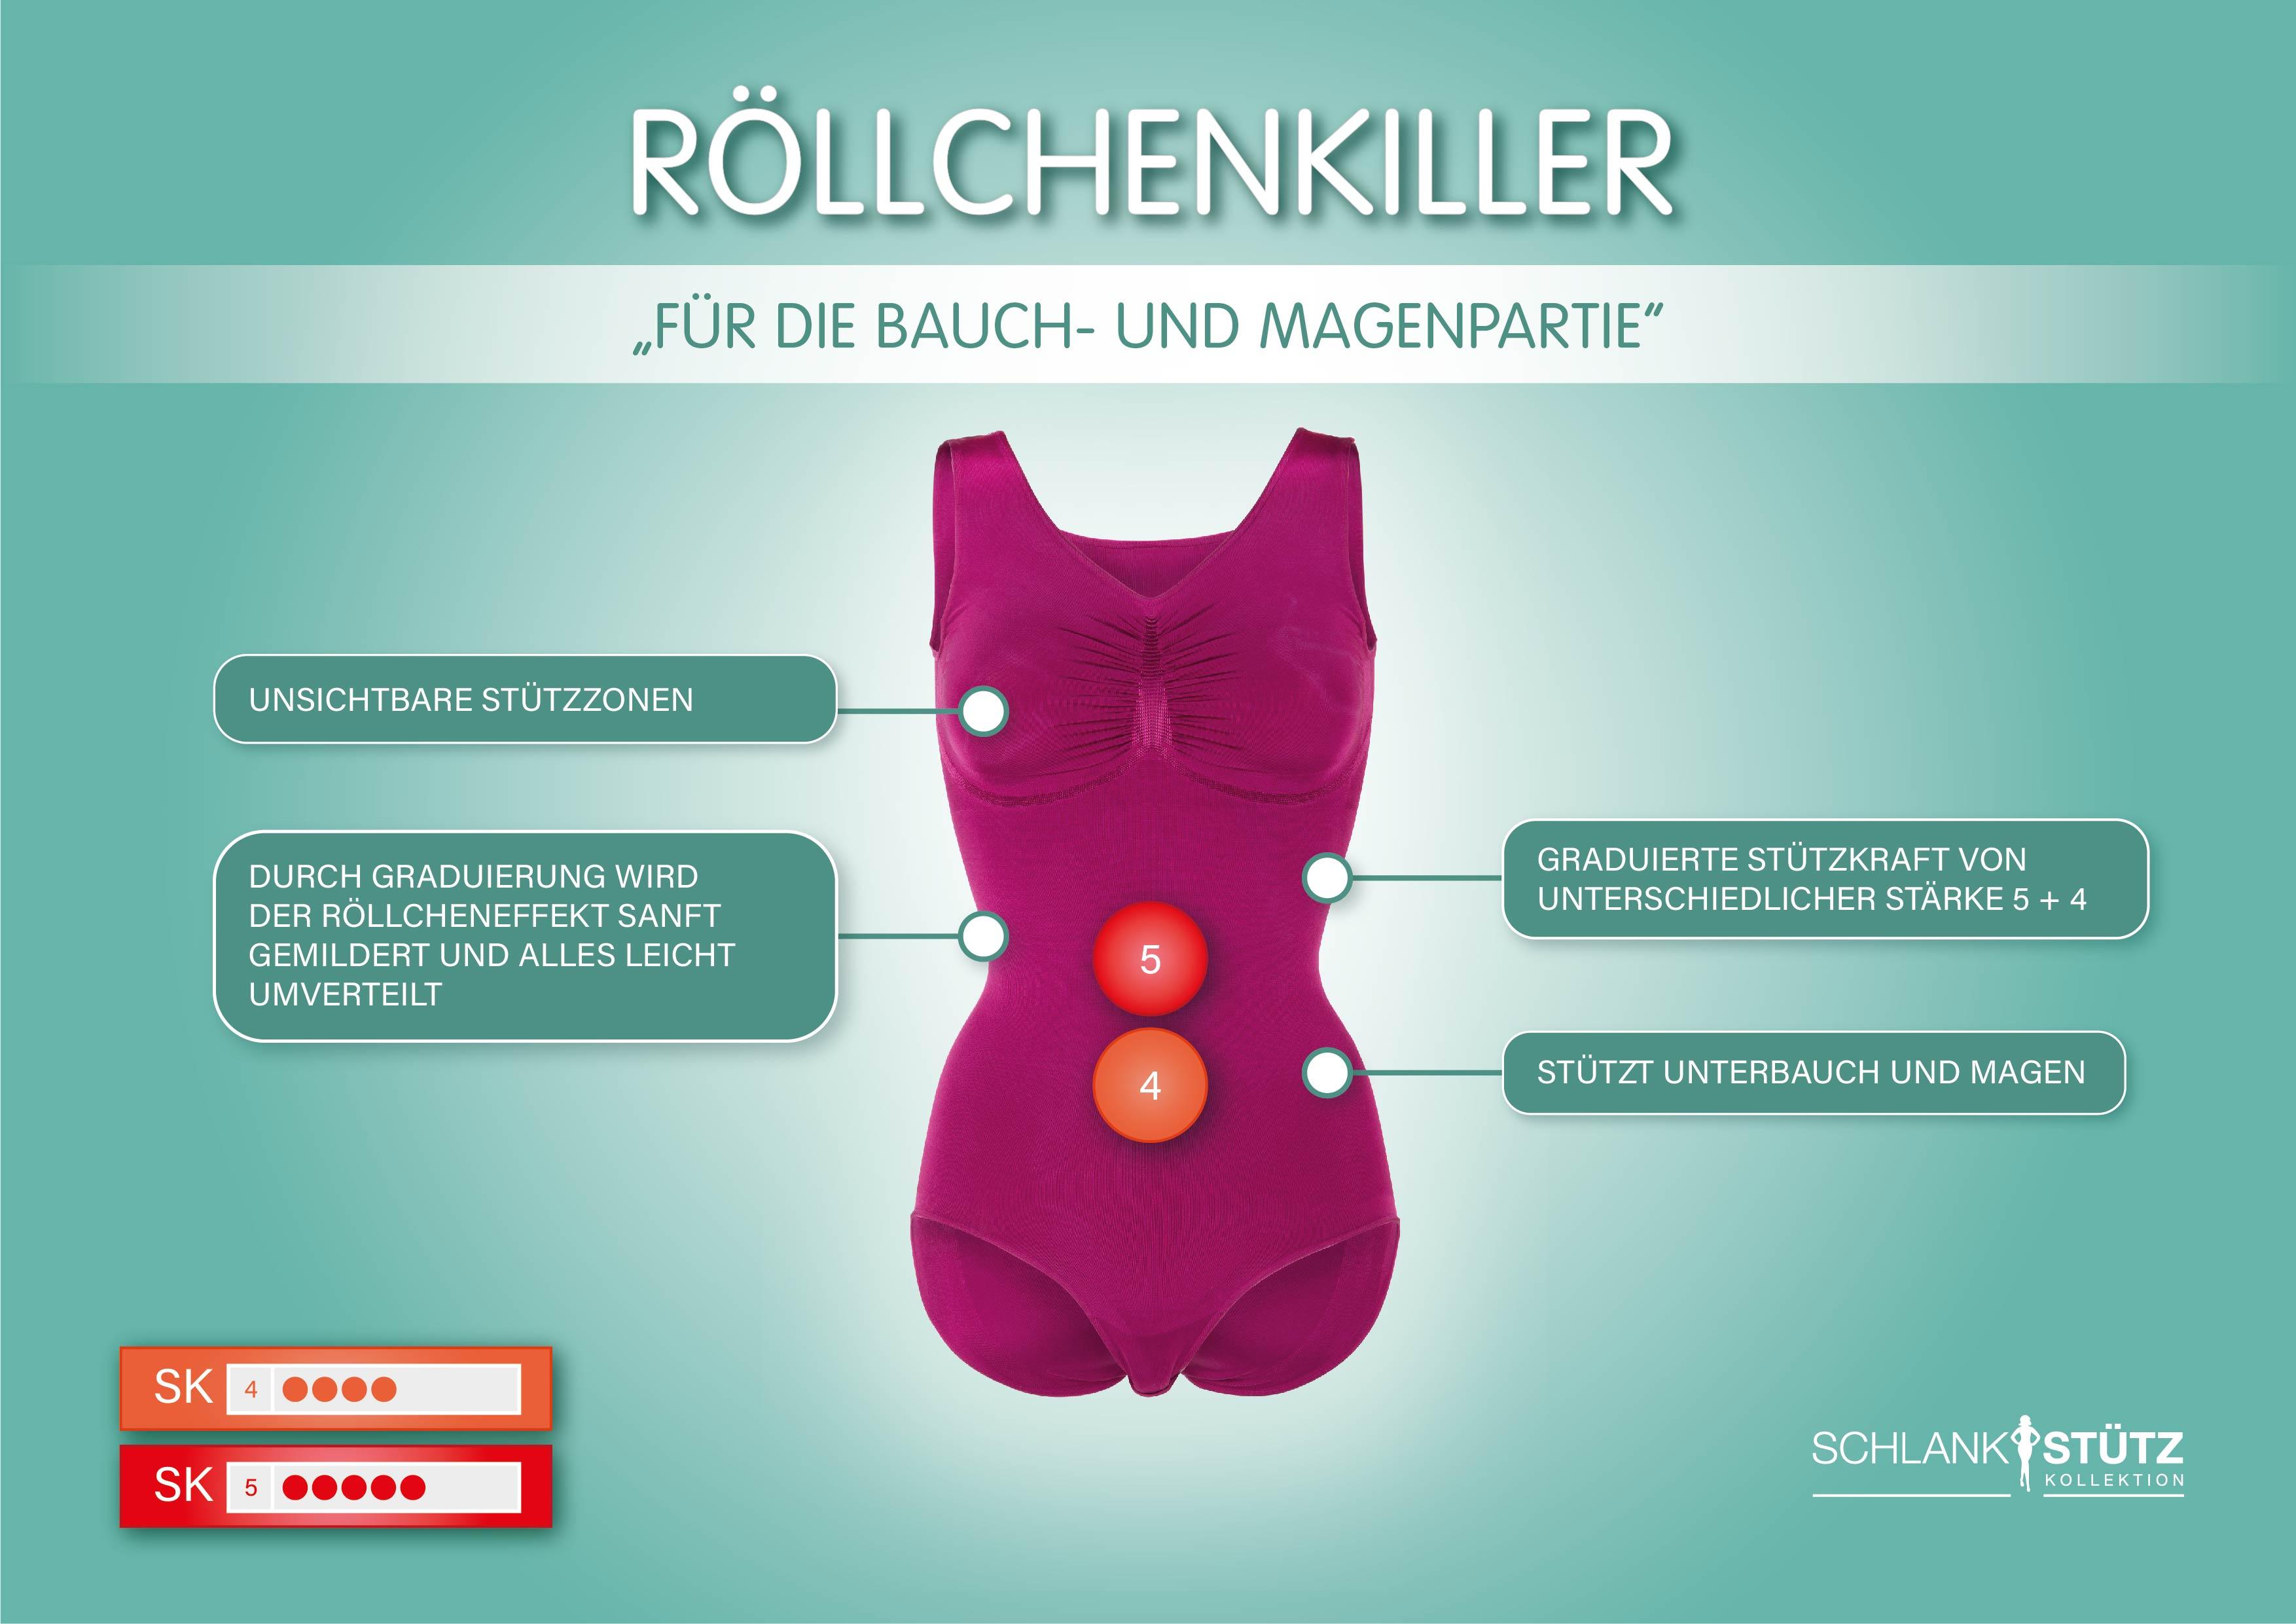 Röllchenkiller_für_die_Bauch_und_Magenpartie